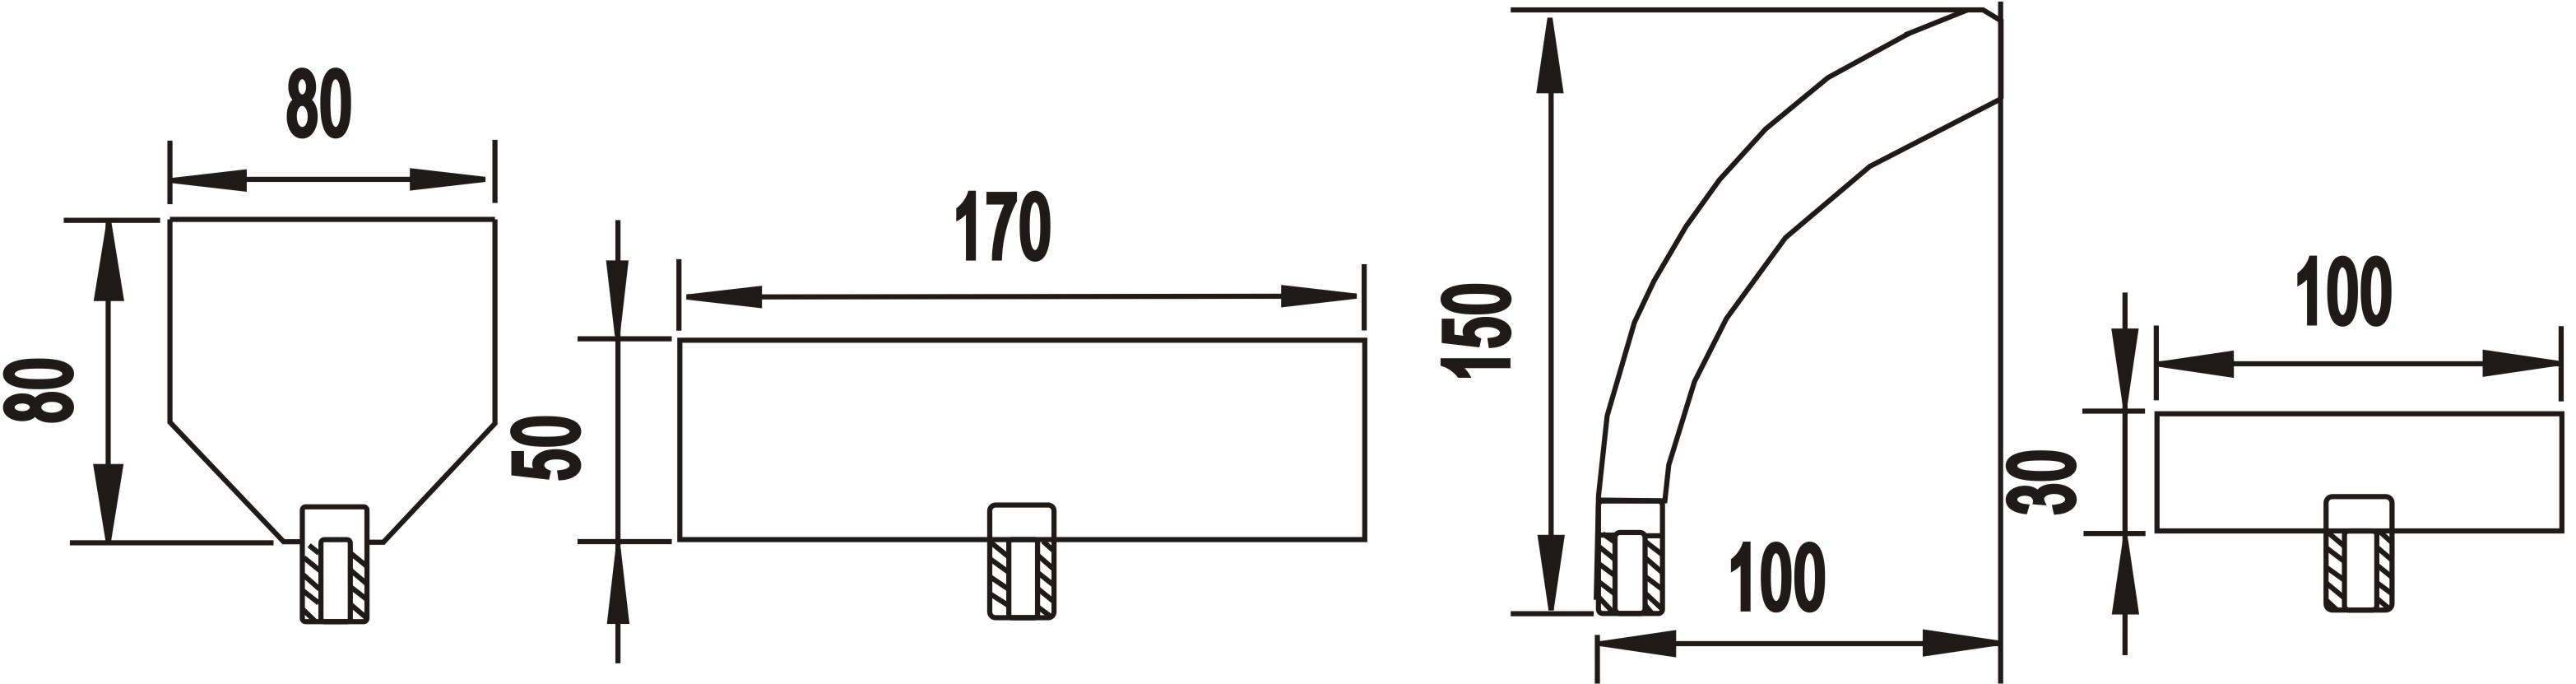 皮带阻旋式料位计FJ-ZX-A-S 堵煤开关